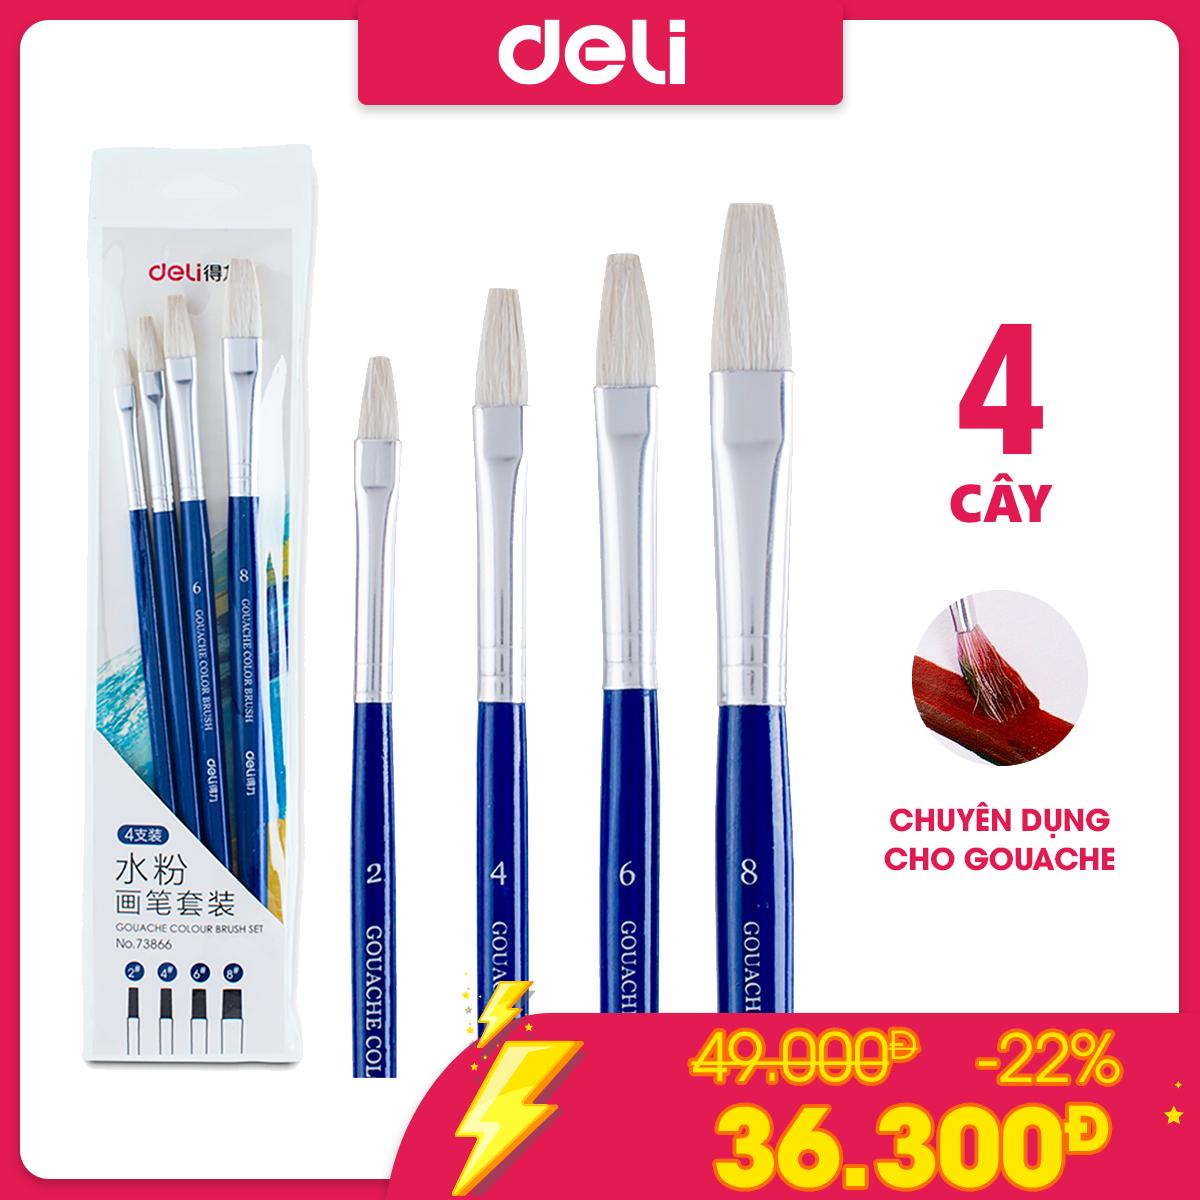 Bộ cọ vẽ chuyên nghiệp Deli – dùng cho màu nước / bột /sơn acrylic / gouache – Set 4/ 6 cây – 1 túi – 73885 / 73866 / 73867